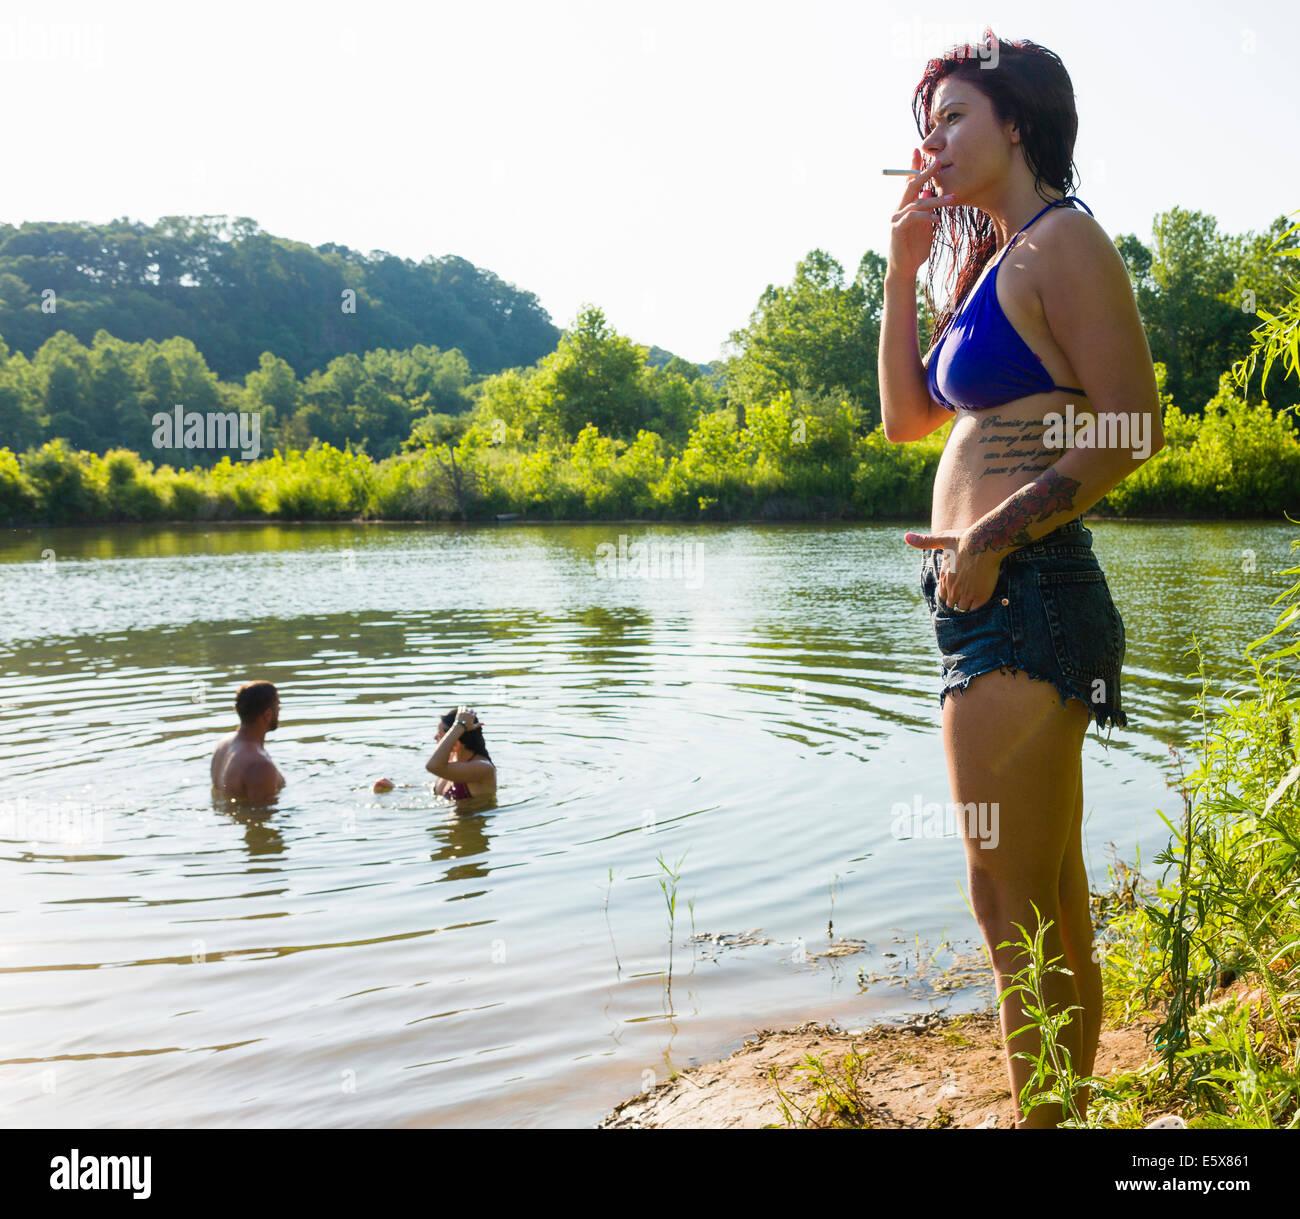 Junge Frau Rauchen Zigarette auf Kanal Bank, Delaware Canal State Park, New Hope, Pennsylvania, USA Stockbild